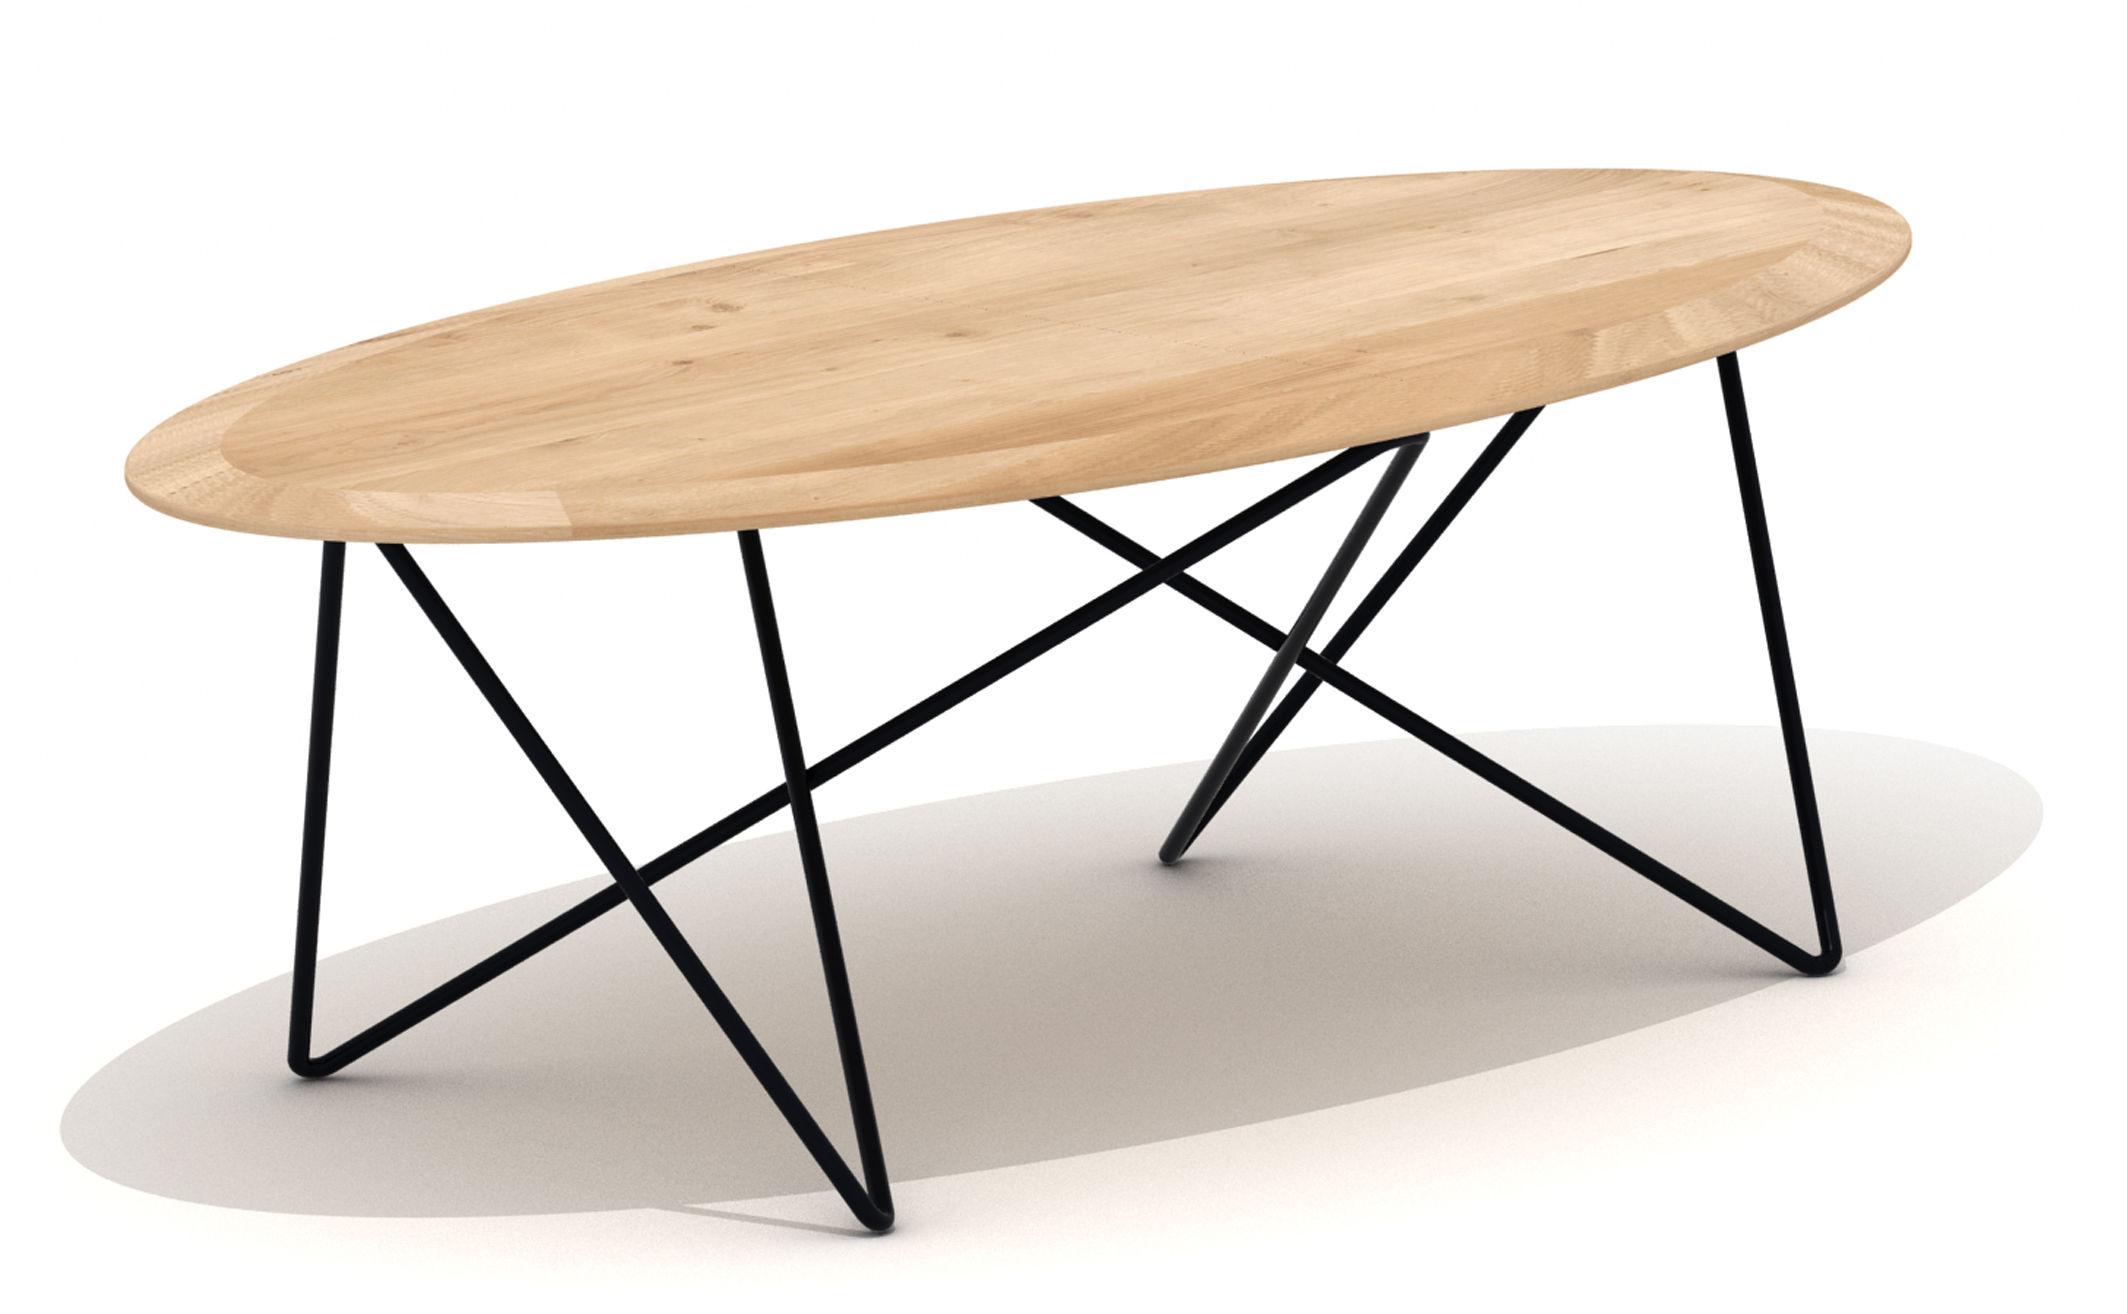 Table Basse Orb L 130 Cm Bois Naturel Pietement Noir Universo